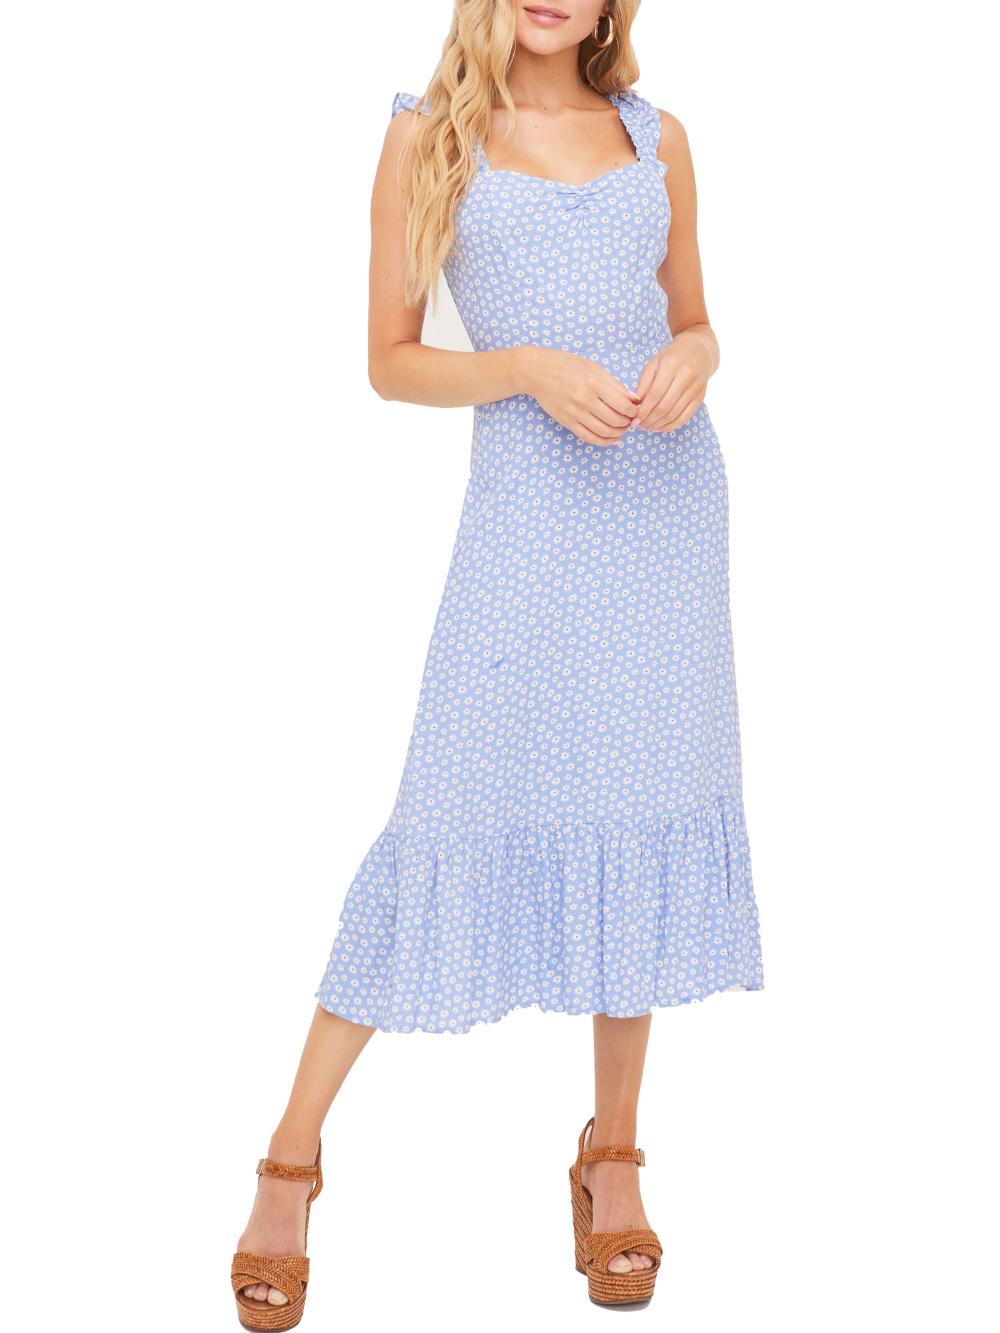 Lush Clothing Lush Clothing Ruffle Strap Midi Dress Walmart Com Lush Clothing Midi Ruffle Dress Stylish Dresses [ 1333 x 1000 Pixel ]